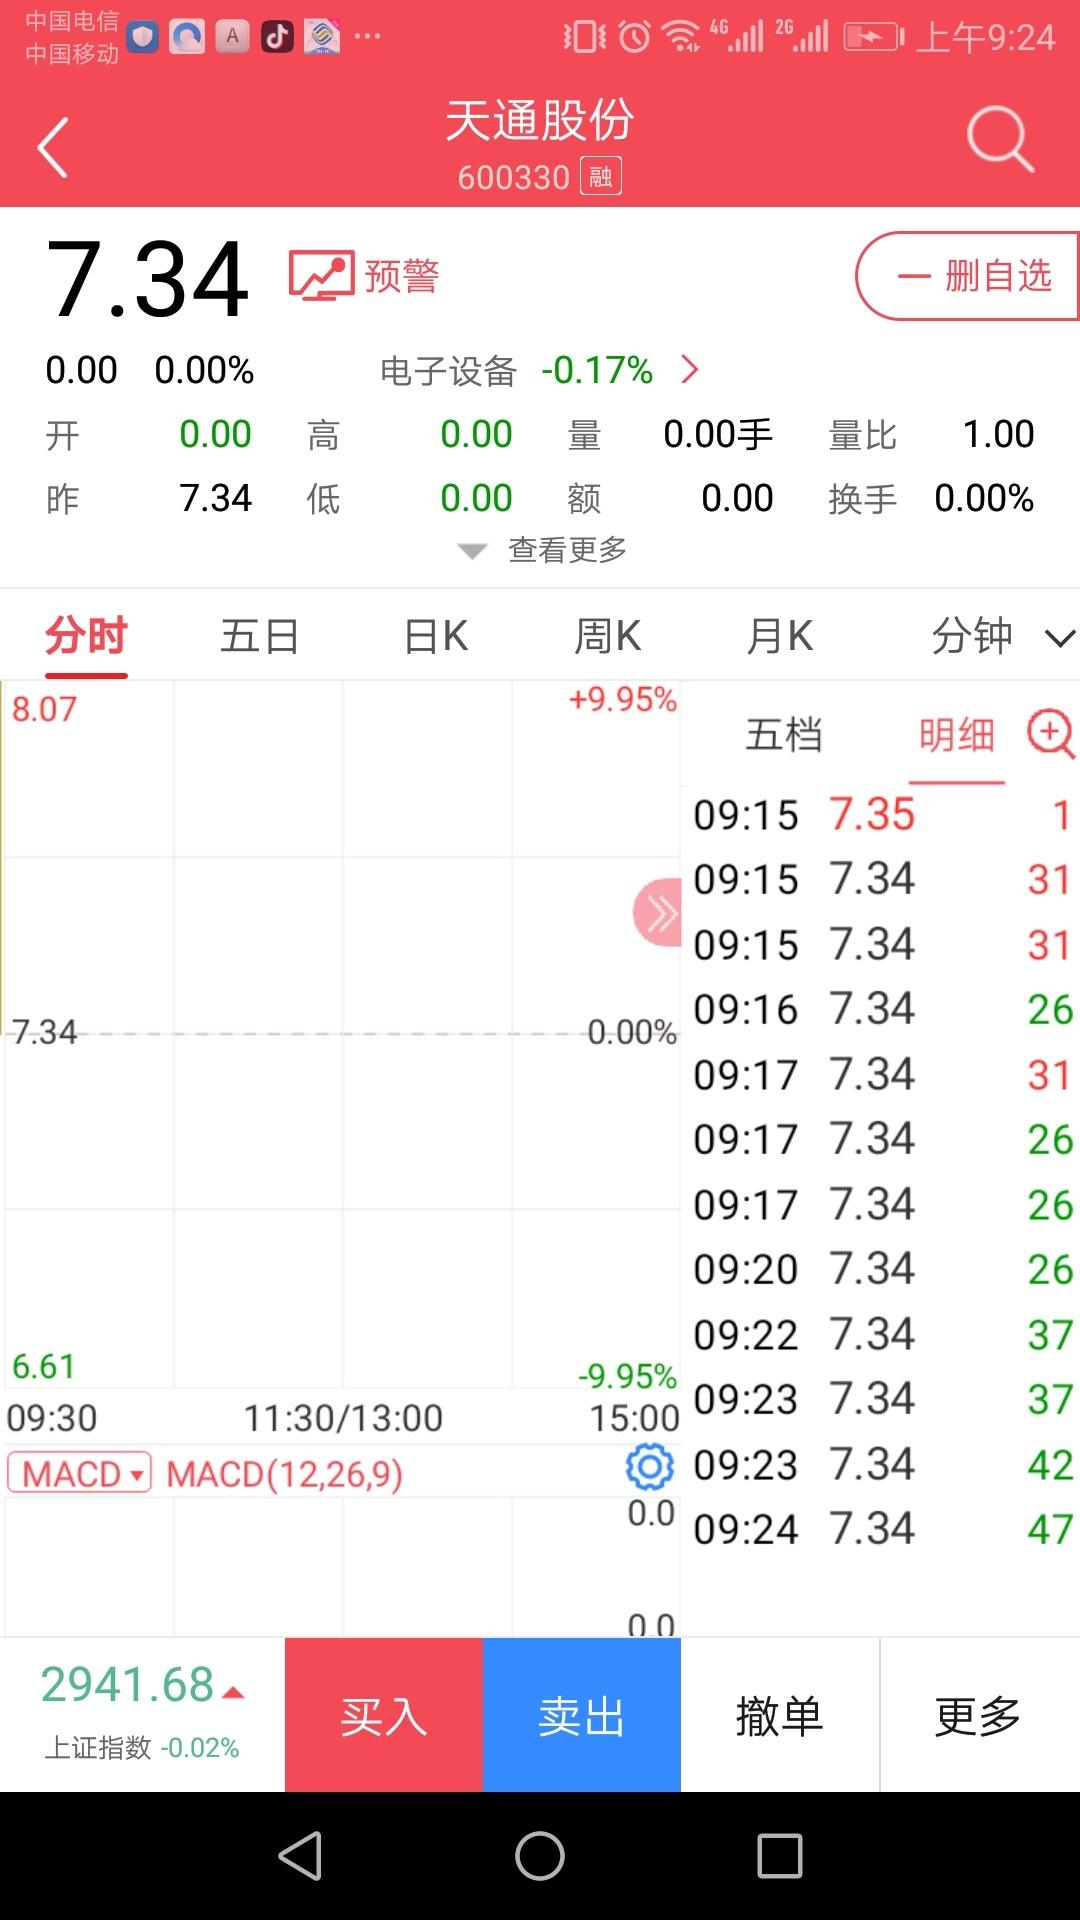 尼玛._天通股份(600330)股吧_东方网